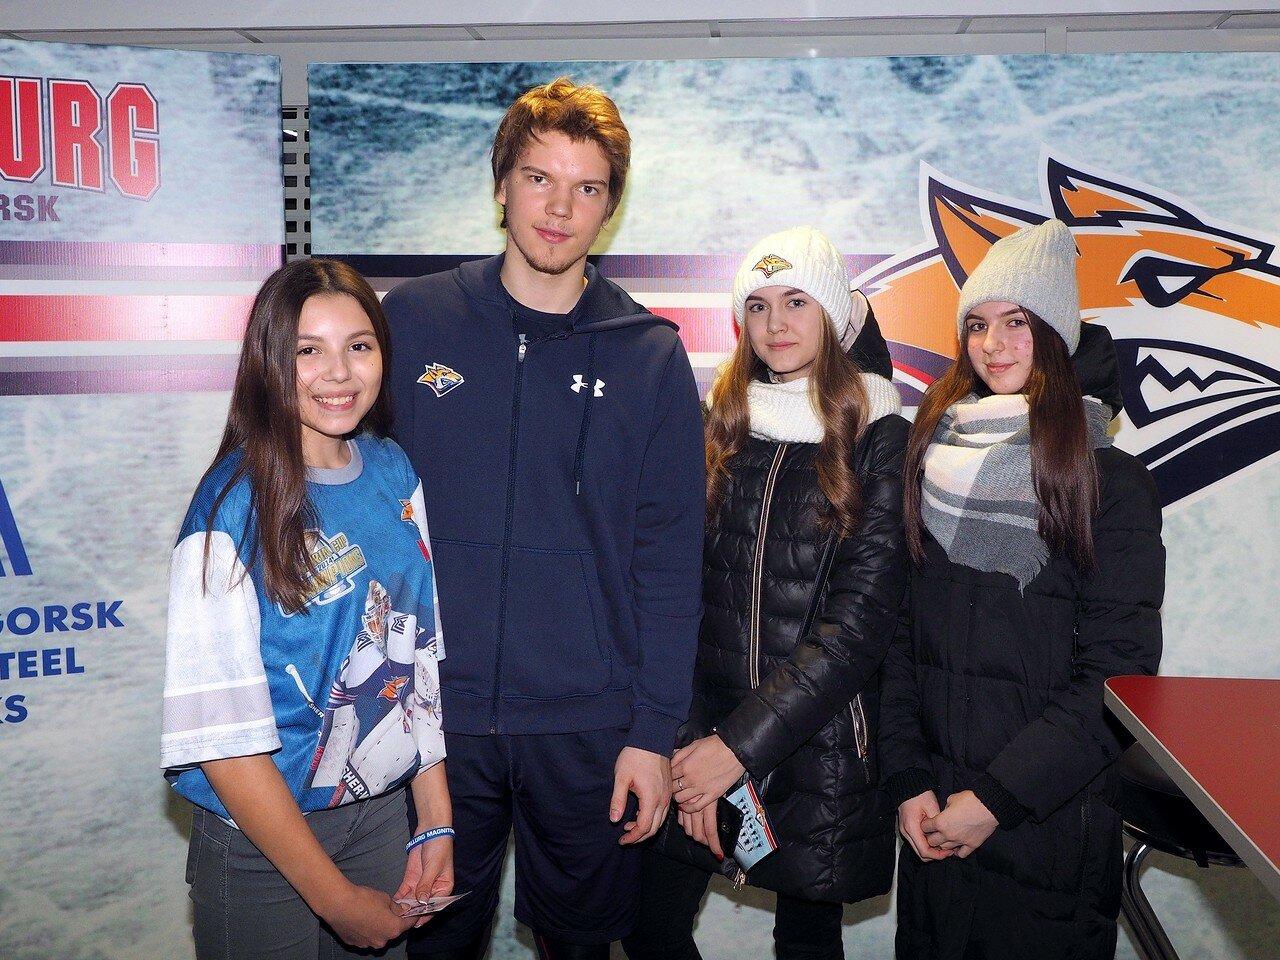 233 Металлург - Спартак 30.11.2017